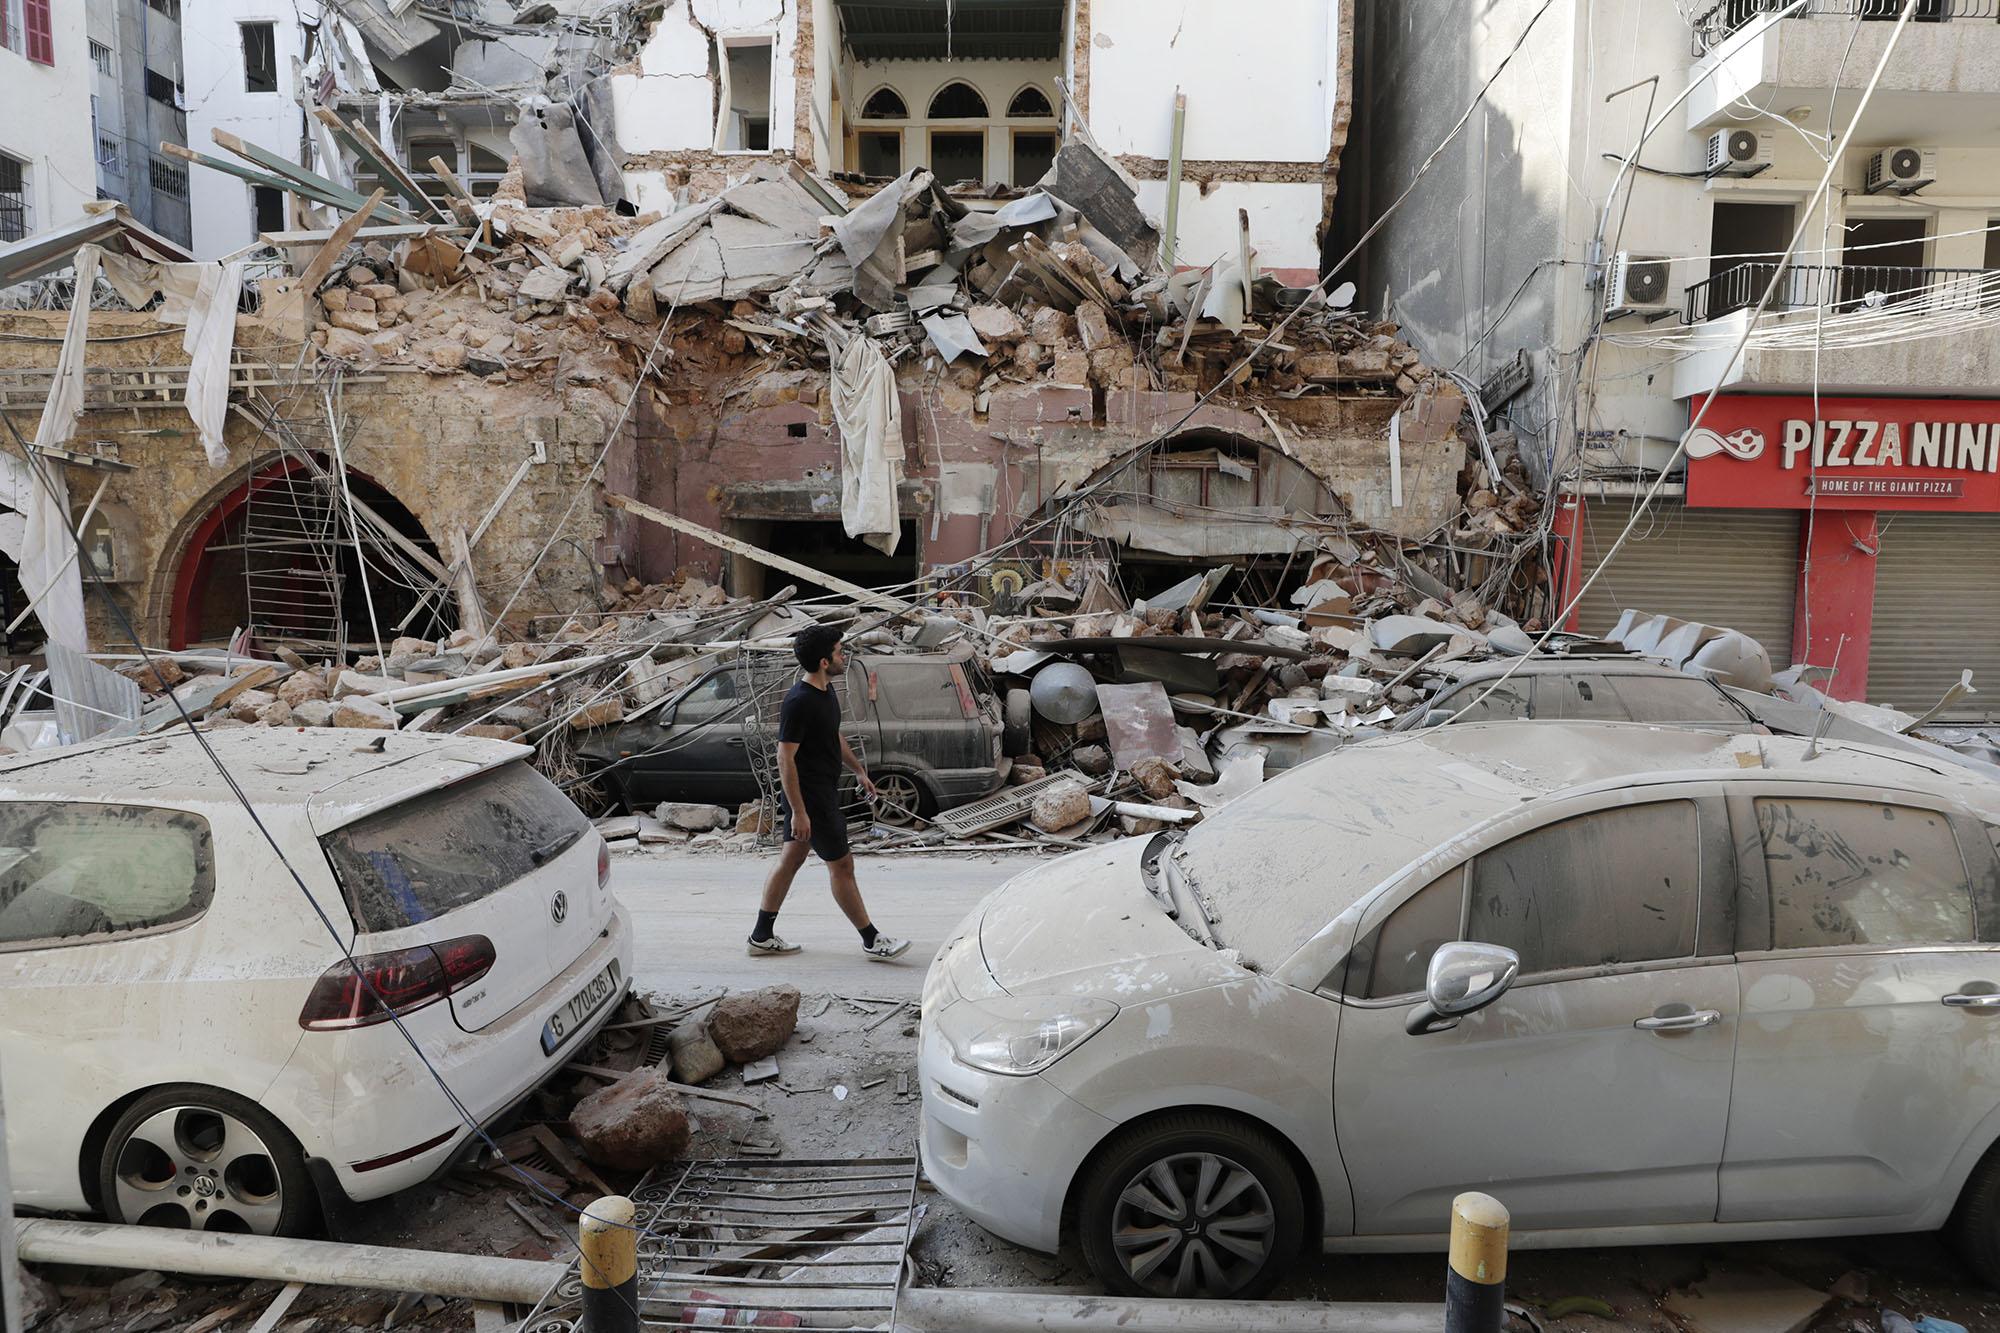 Будто кадры из фильма про Армагеддон: как выглядит Бейрут после взрывов (ФОТО, ВИДЕО) - фото 12